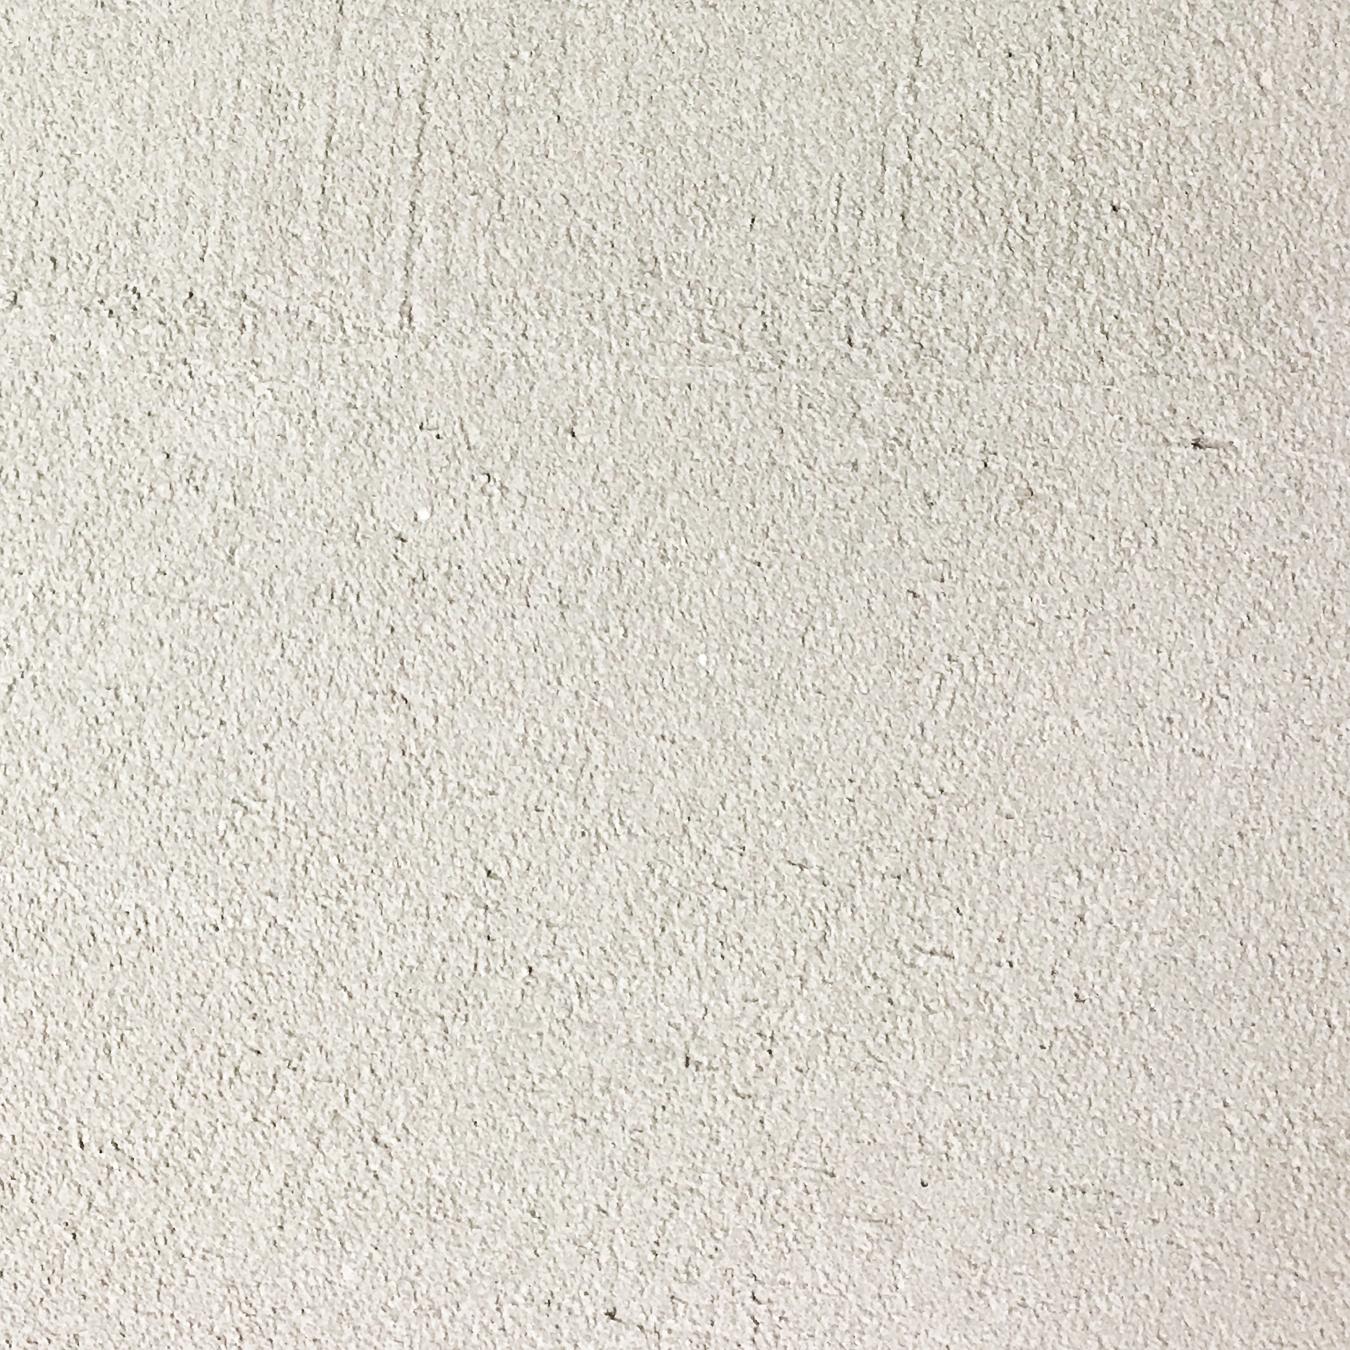 3 Plaster.jpg